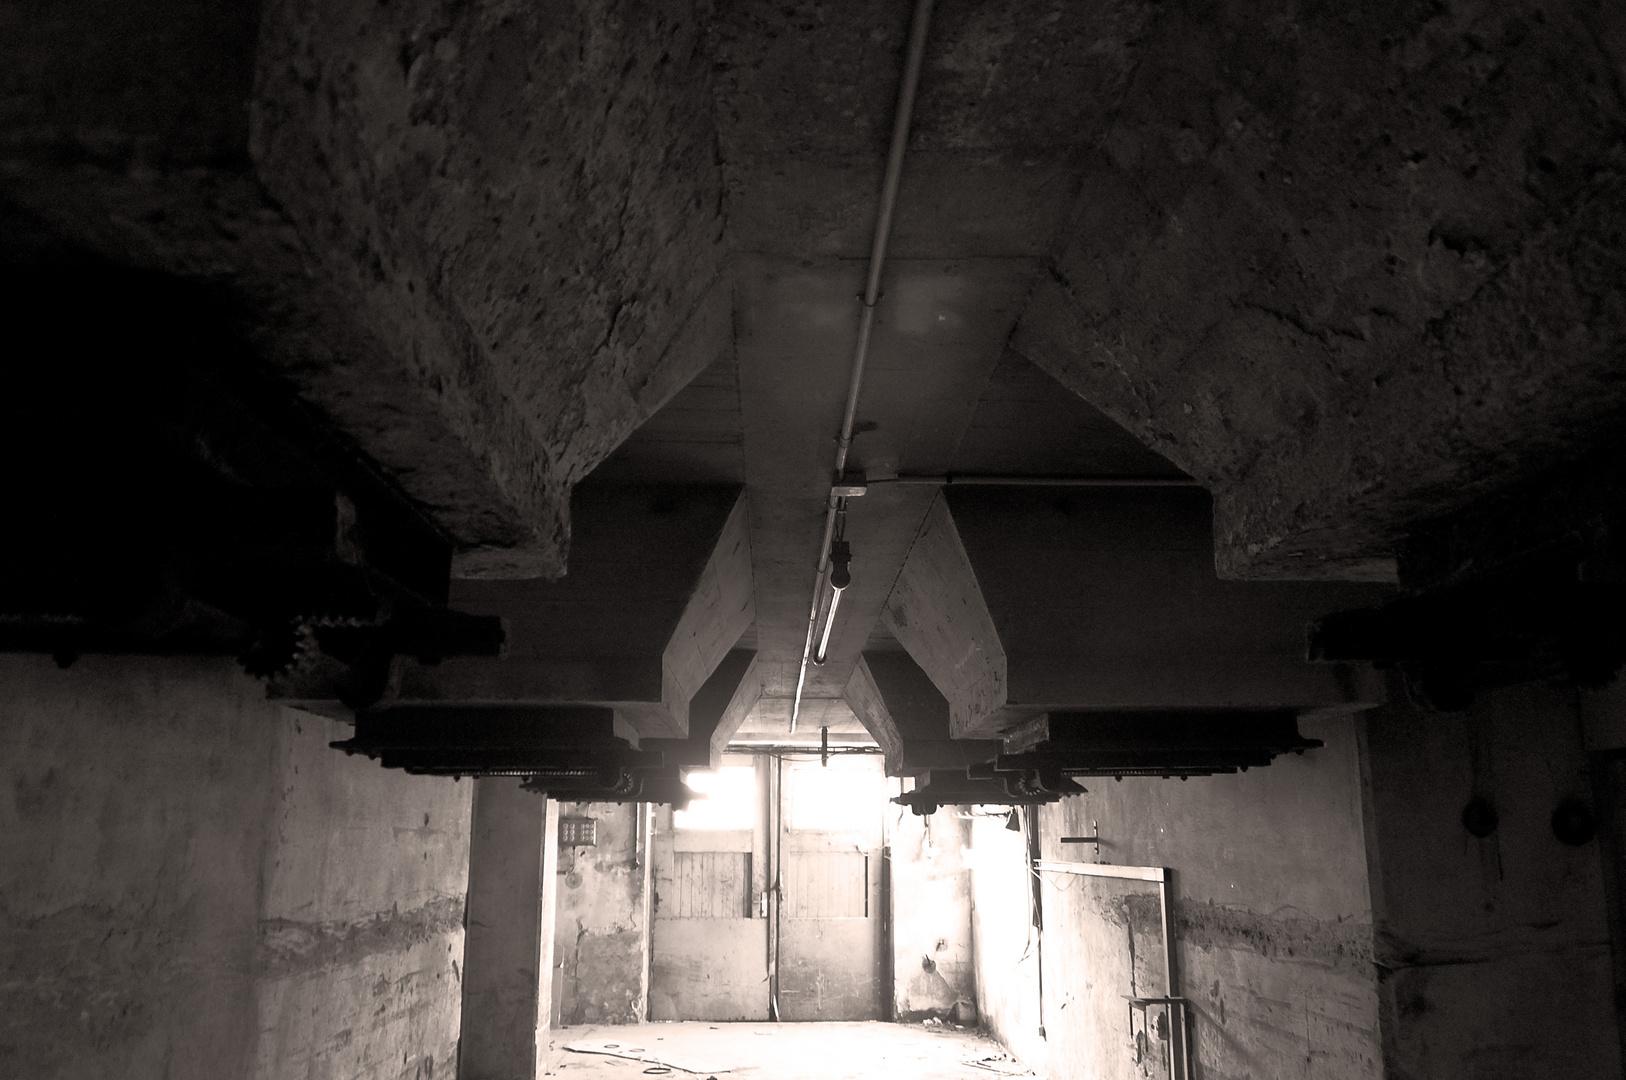 Der Raum unter dem Schornstein